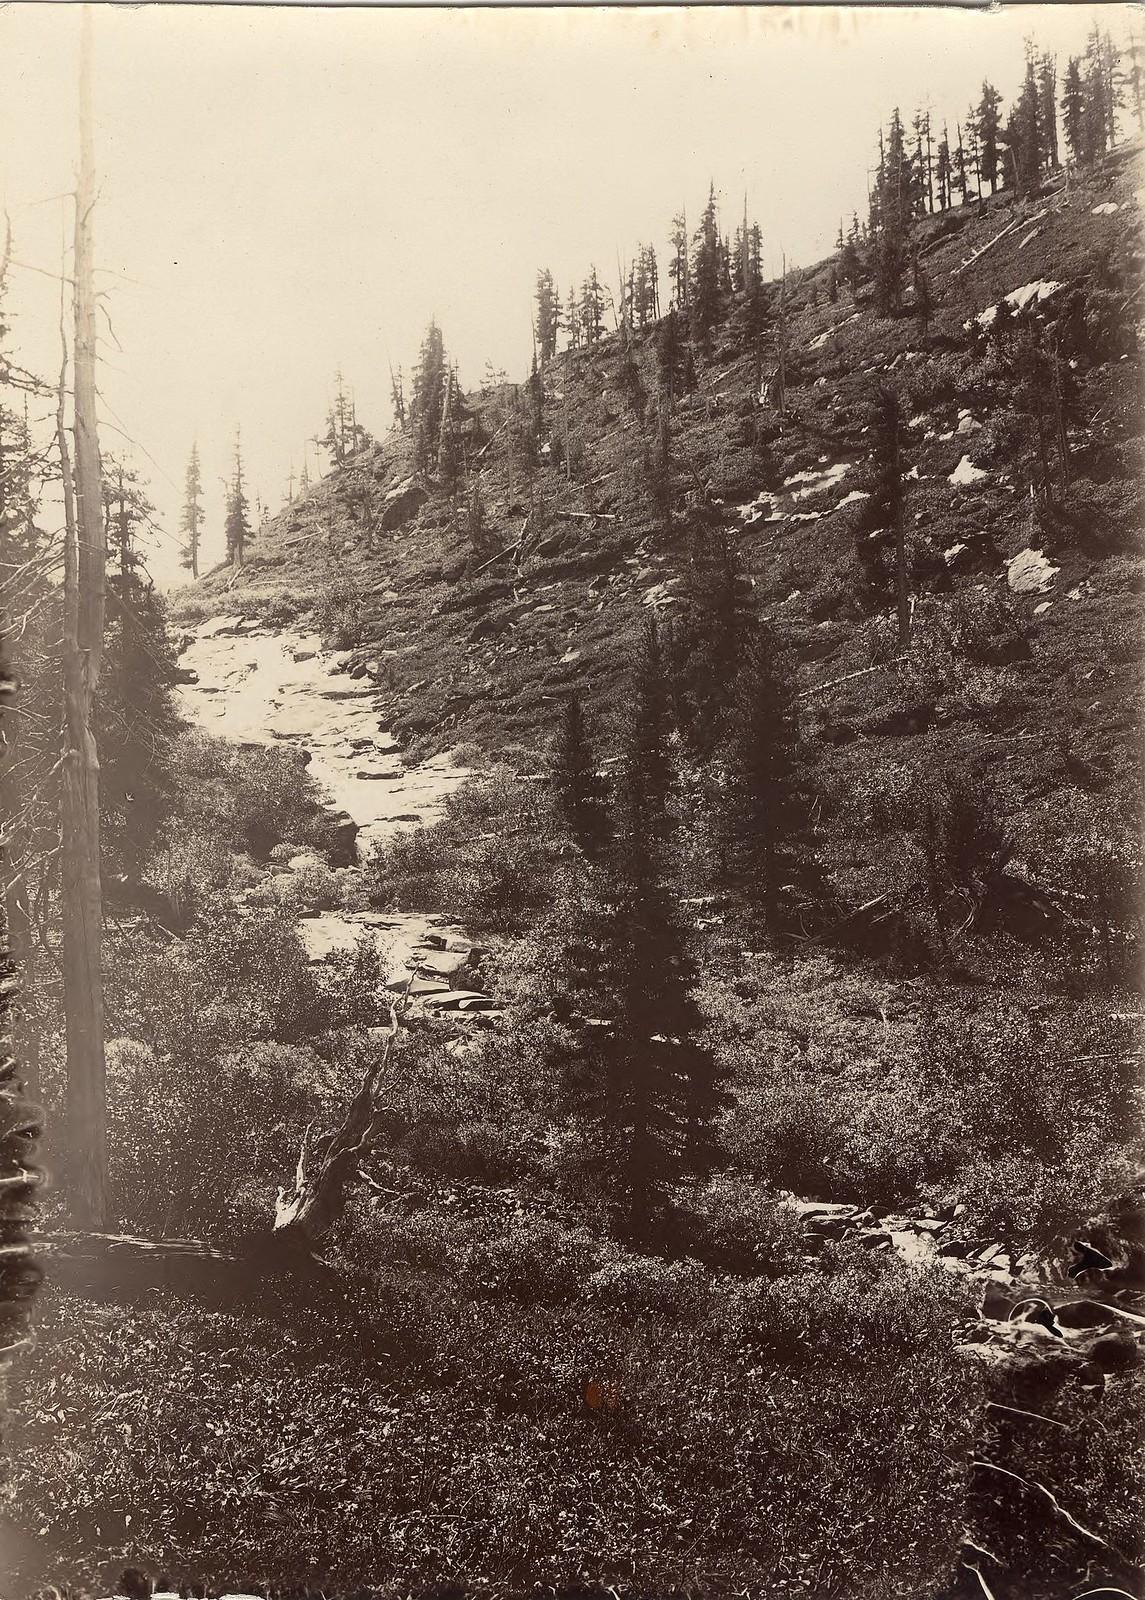 38. Склон горы с отдельно стоящими деревьями